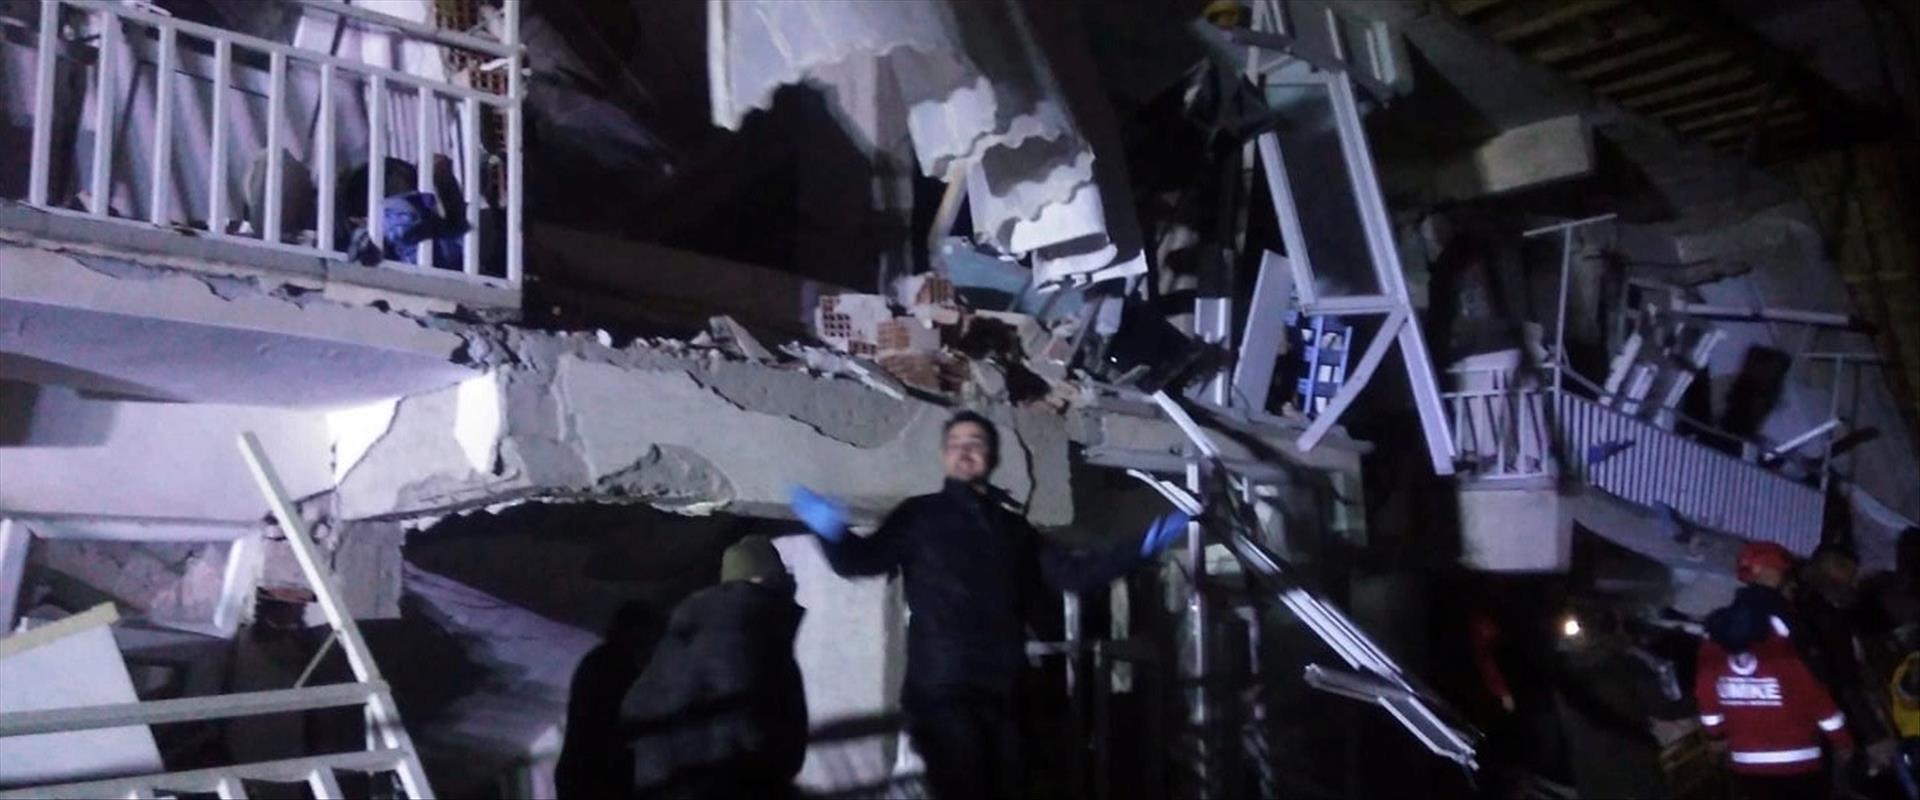 נזקי רעידת האדמה בטורקיה